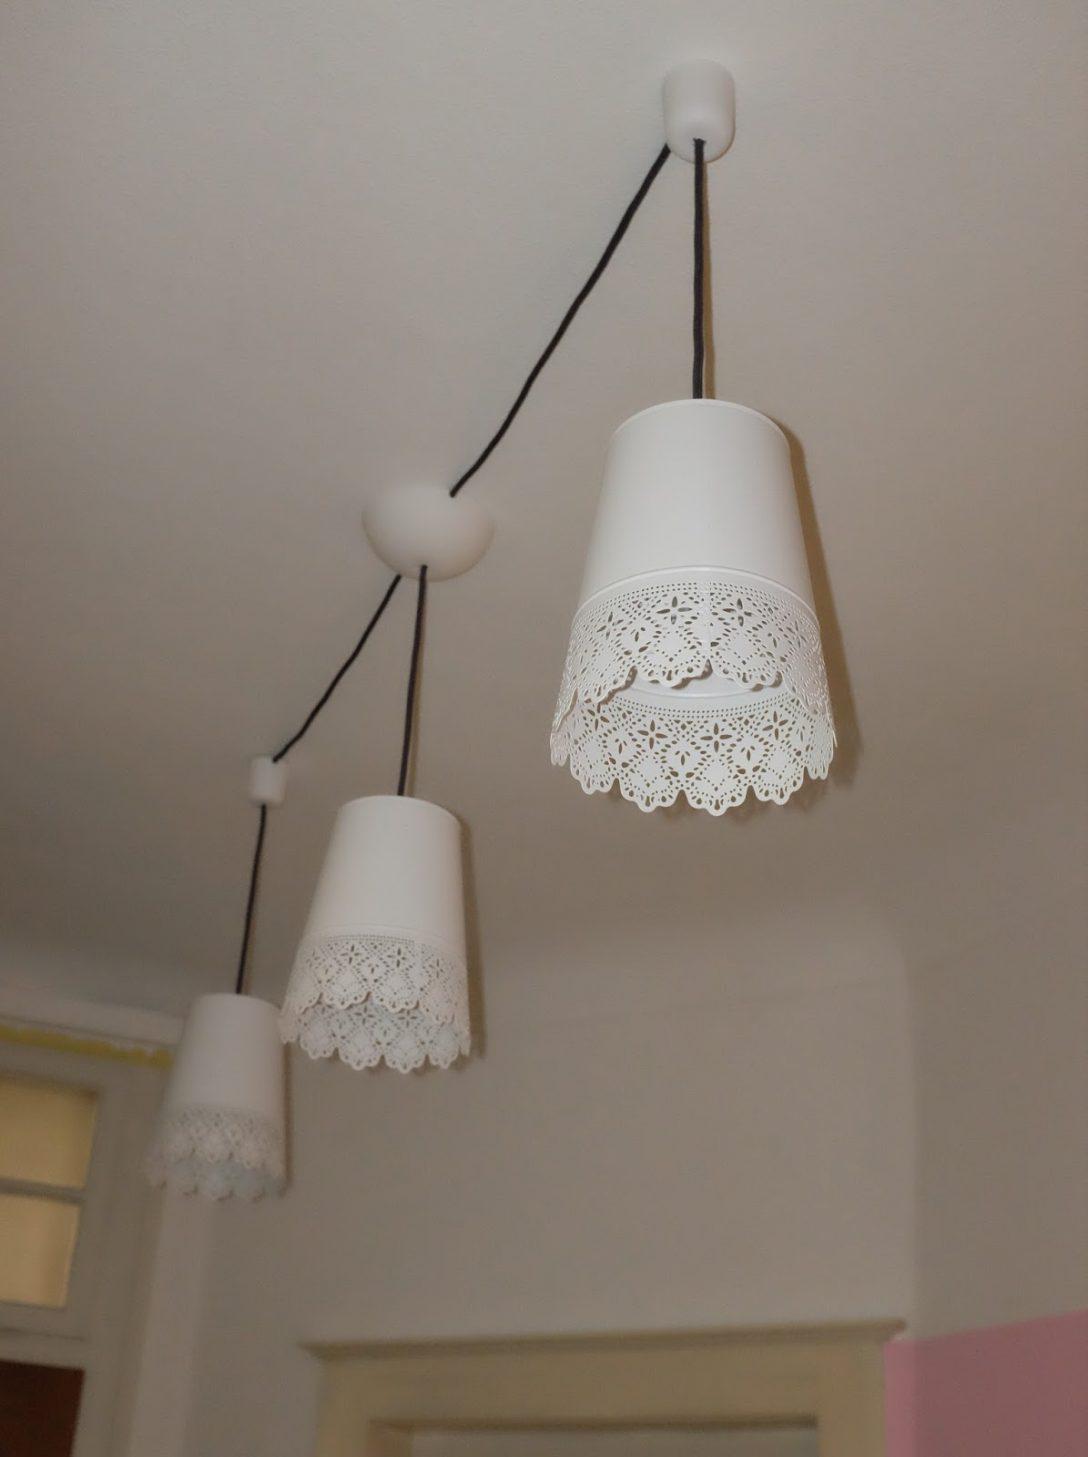 Large Size of Ikea Hack Aus Blumenvasen Wird Eine Deckenlampe Deckenlampen Für Wohnzimmer Schlafzimmer Esstisch Miniküche Modern Modulküche Küche Kaufen Kosten Bad Wohnzimmer Ikea Deckenlampe